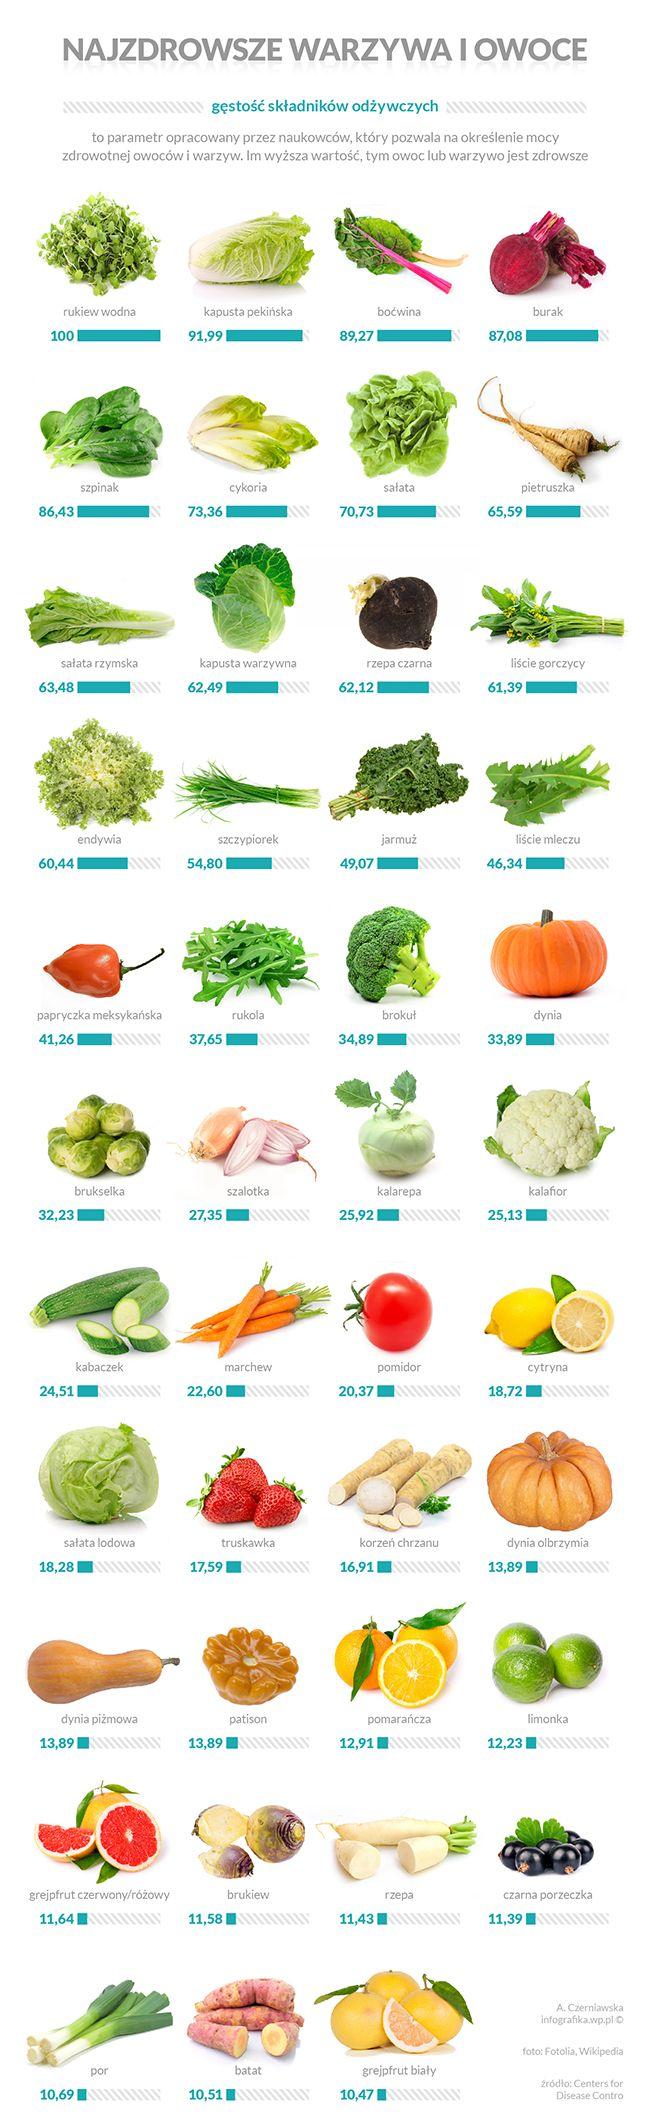 Dzieci powinny jeść owoce i warzywa, to wiadomo od zawsze. Ale które z nich są najzdrowsze, a które nie wnoszą zbyt wiele do jadłospisu? Zobacz! #diet #babydiet #fruits #healthy #zdrowie #dieta #dietadziecka #warzywa #owoce